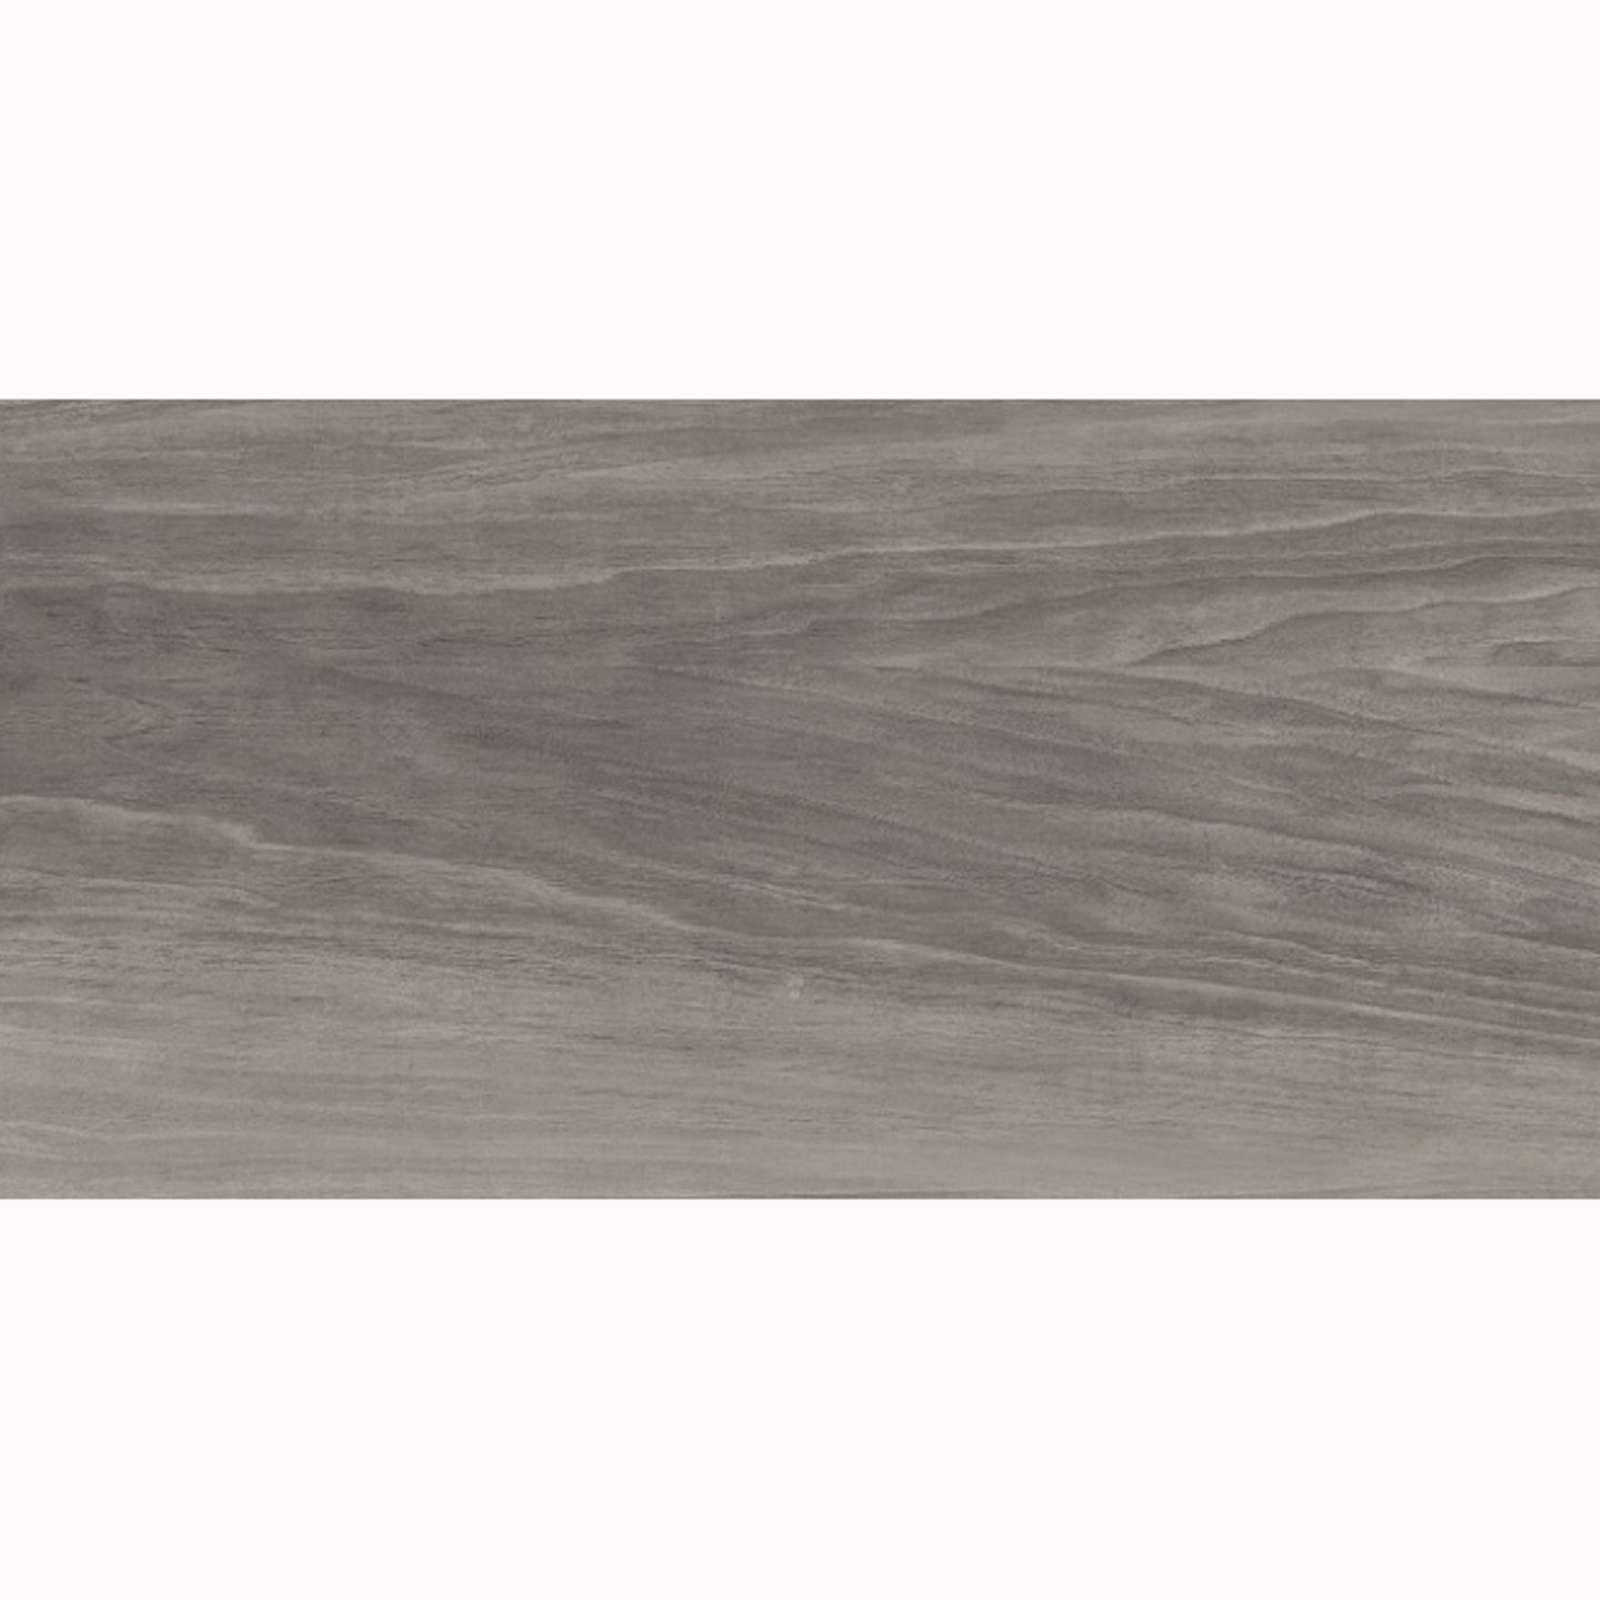 Керамогранит Слим Вуд серый обрезной SG226400R, 300х600х9 мм, Kerama Marazzi